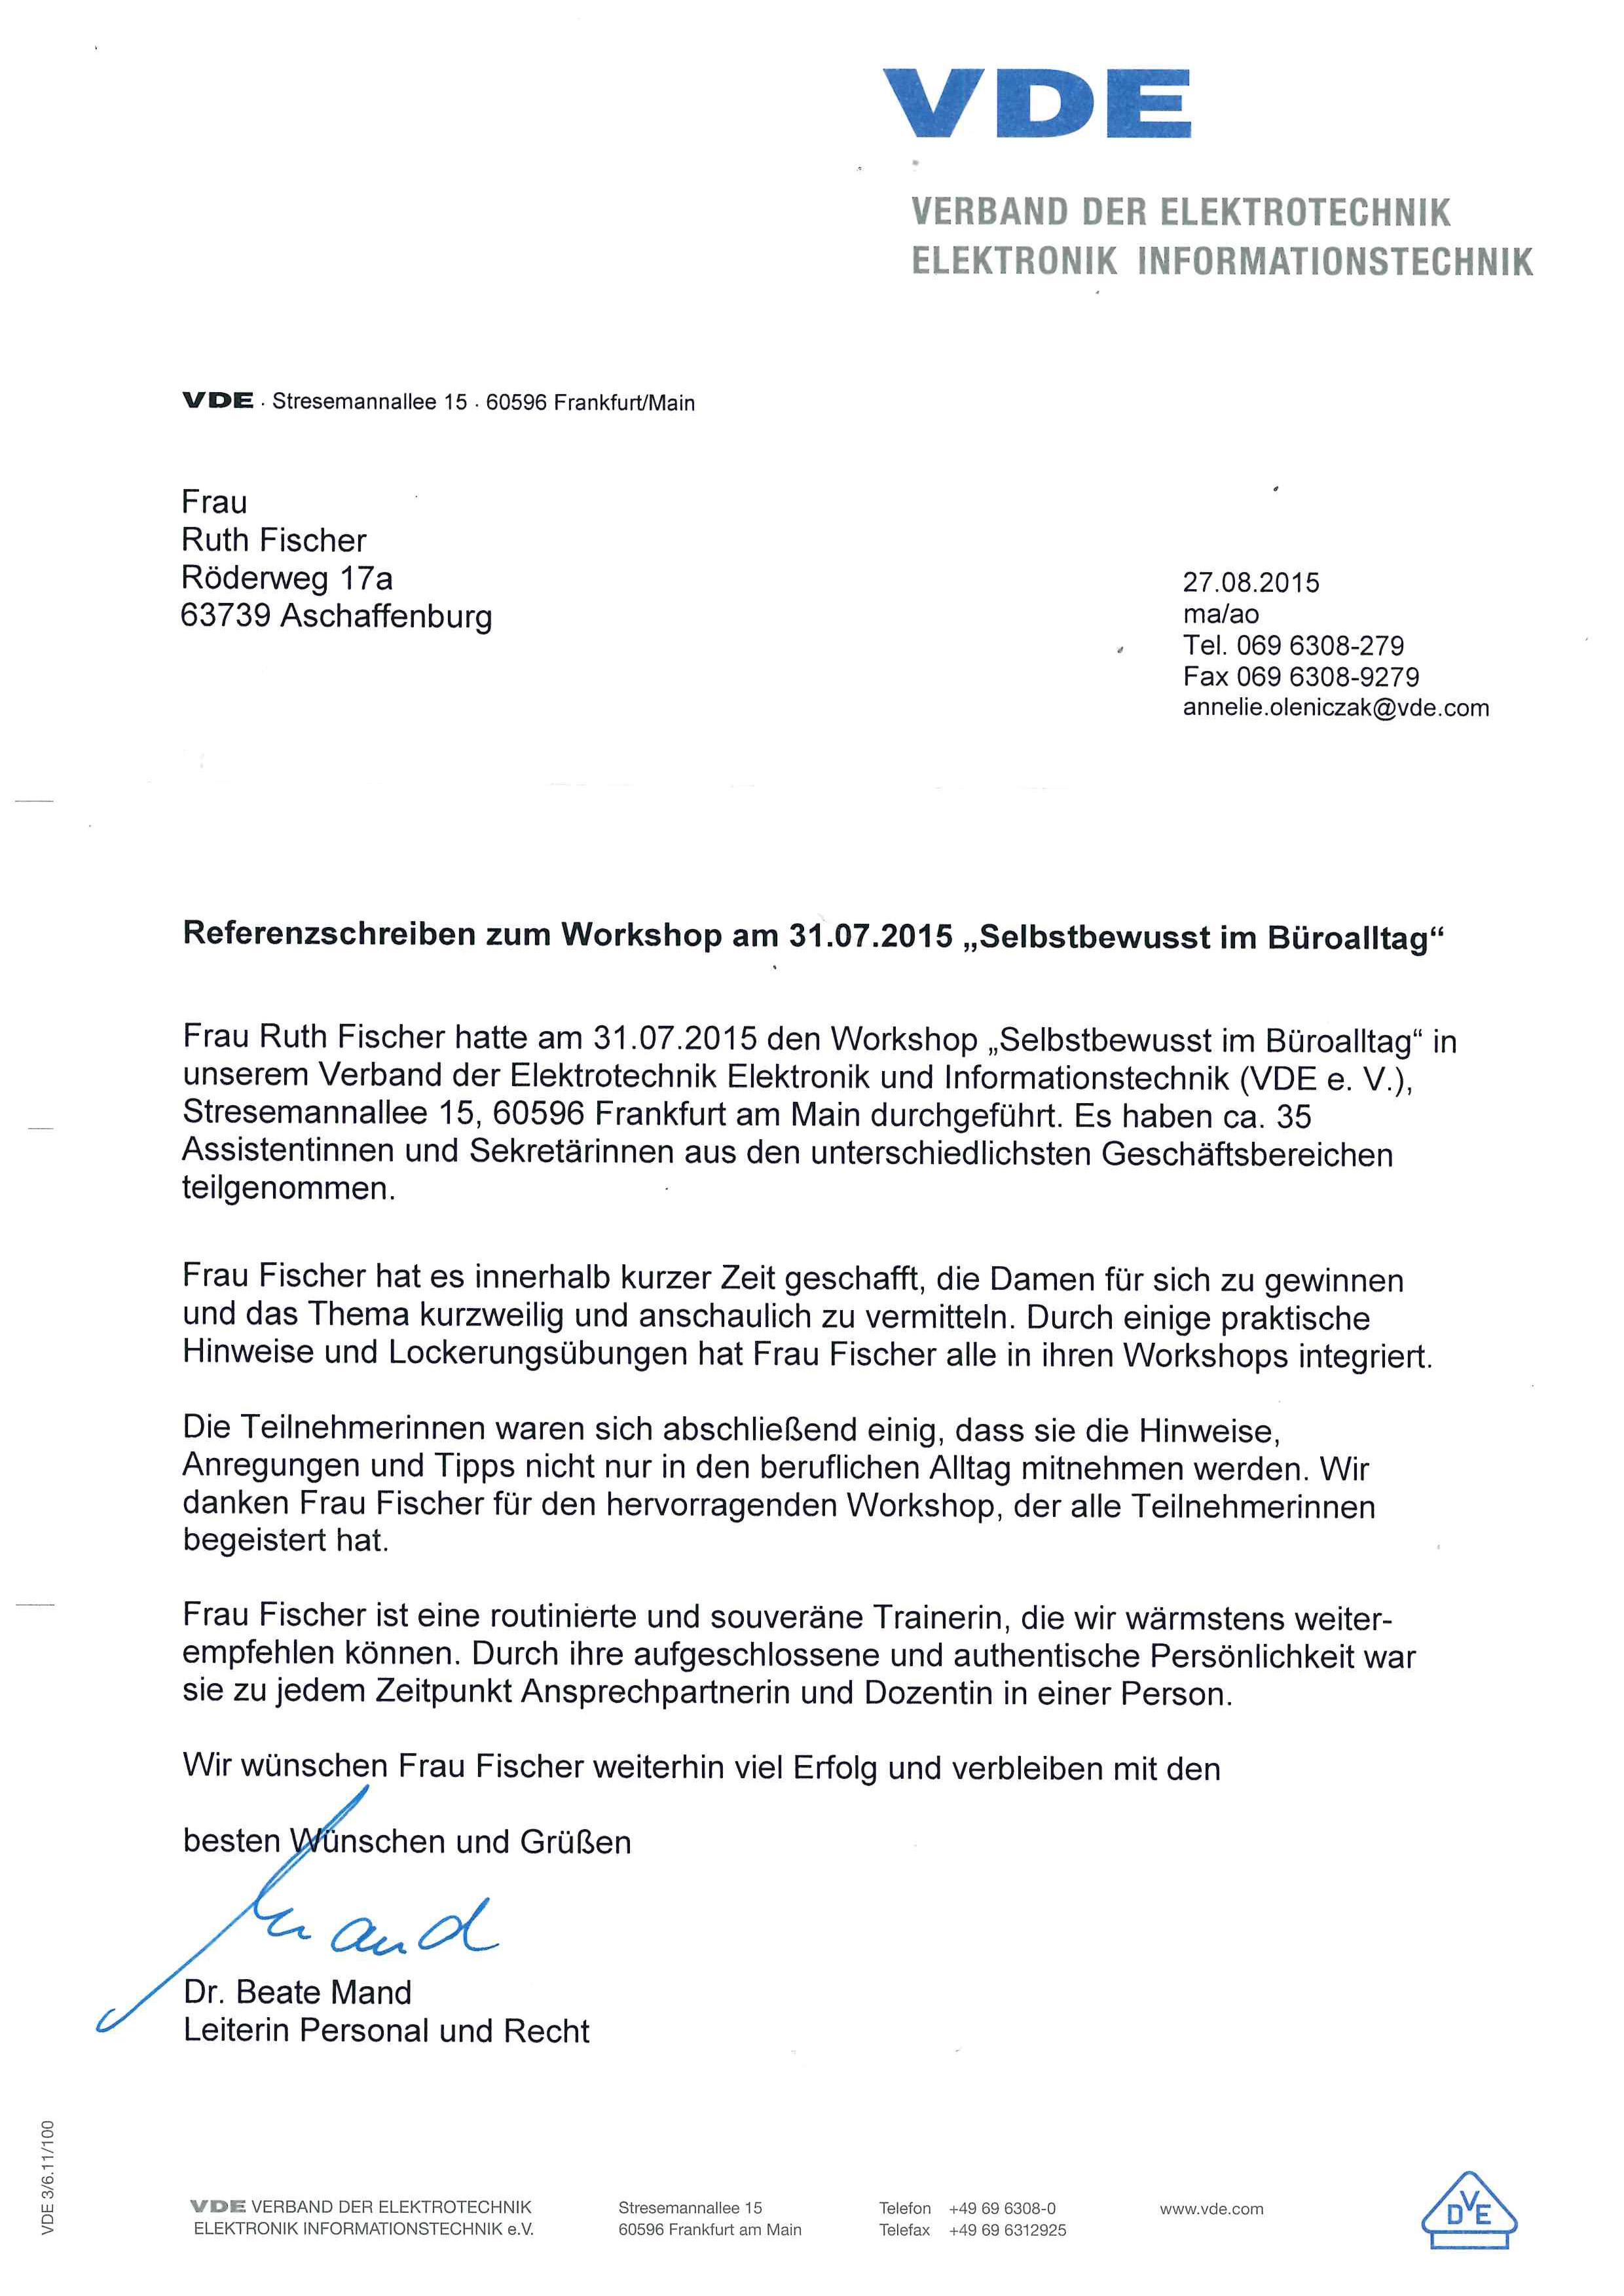 VDE Referenz 2015 Ruth Fischer